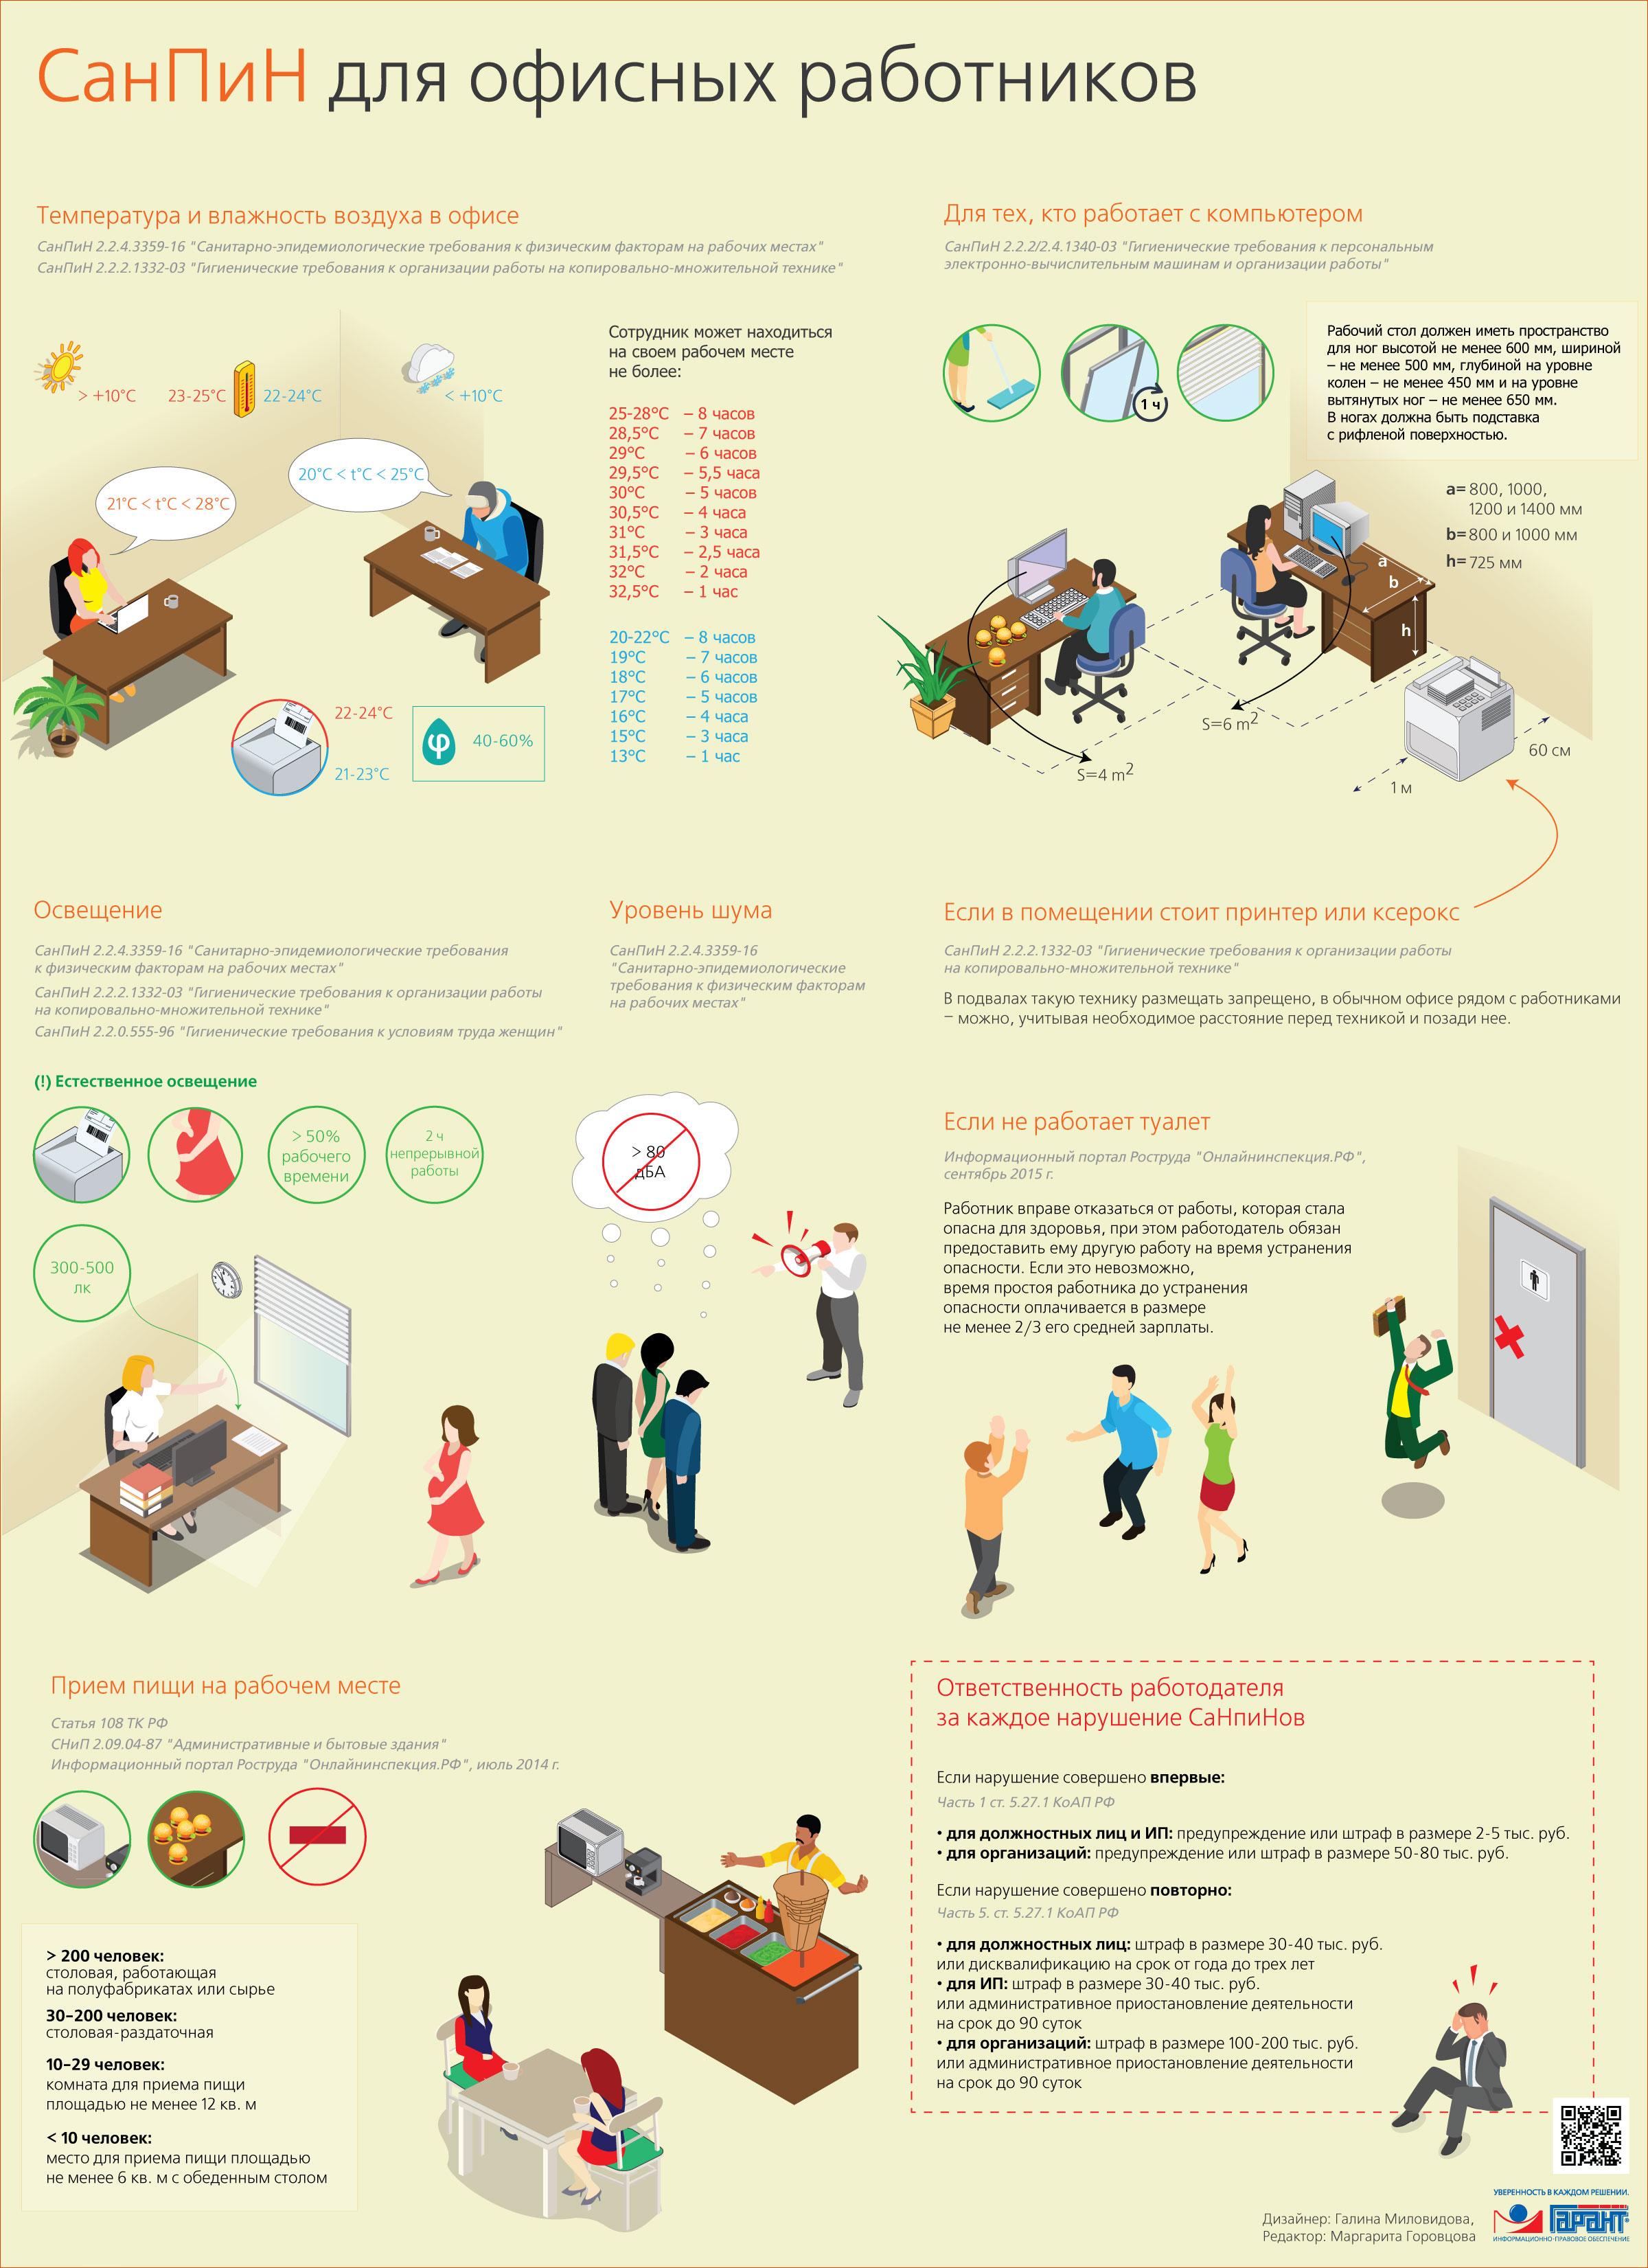 СанПин для офисных работников